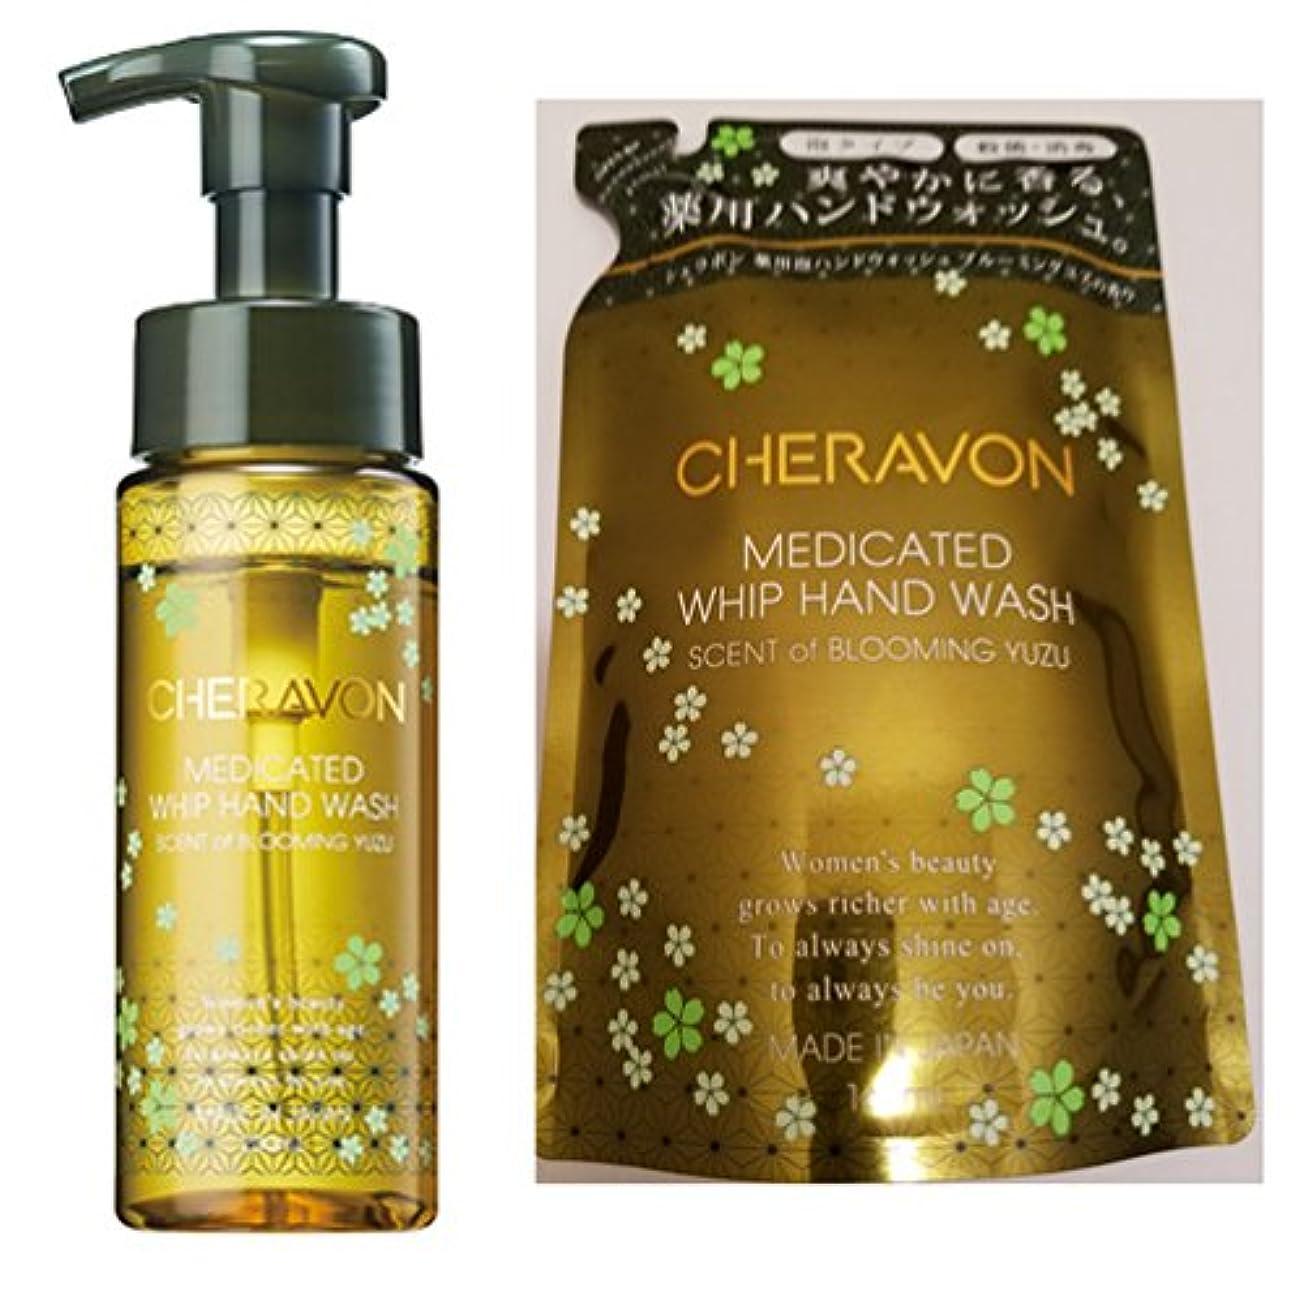 ぬれたカバー汚物シェラボン 薬用泡 ハンドウォッシュ ブルーミング ゆずの香り セット(本体+レフィル お得な限定セット) CHERAVON